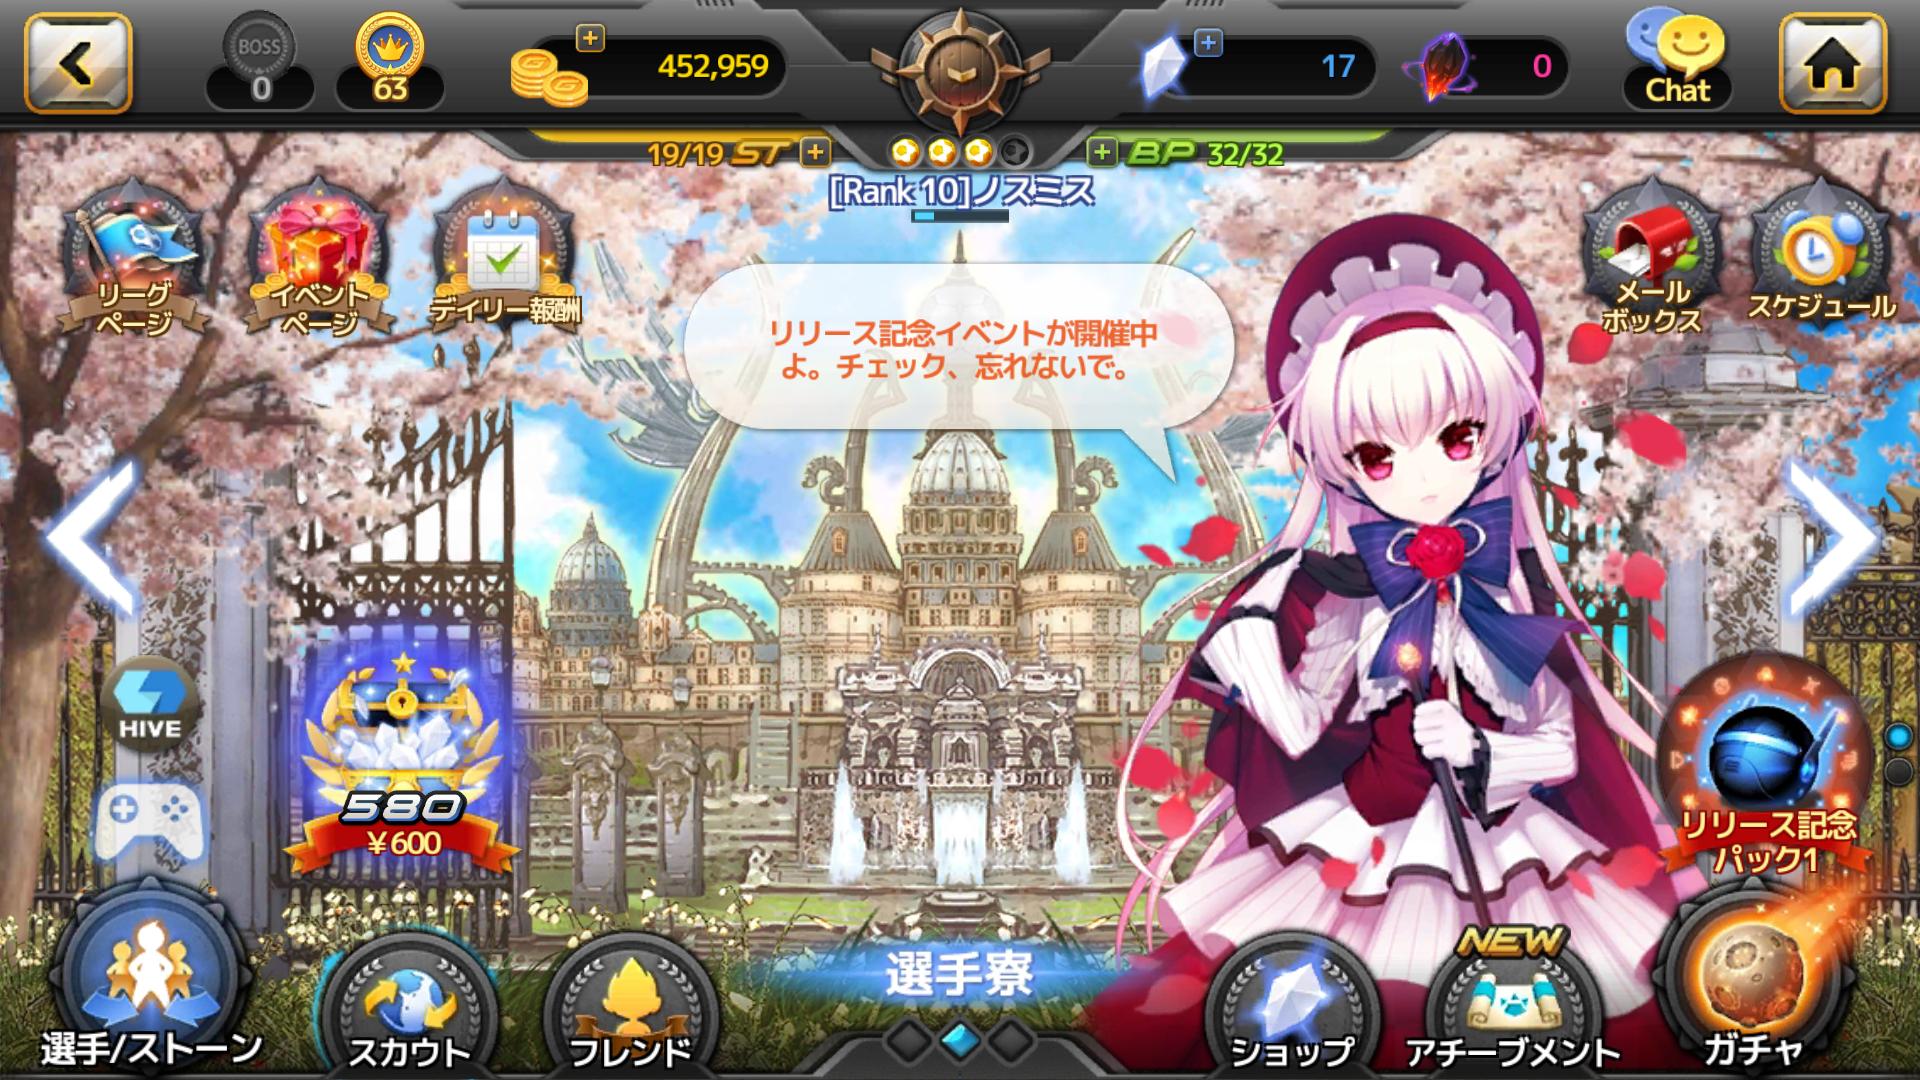 androidアプリ サッカースピリッツ(サカスピ)攻略スクリーンショット3